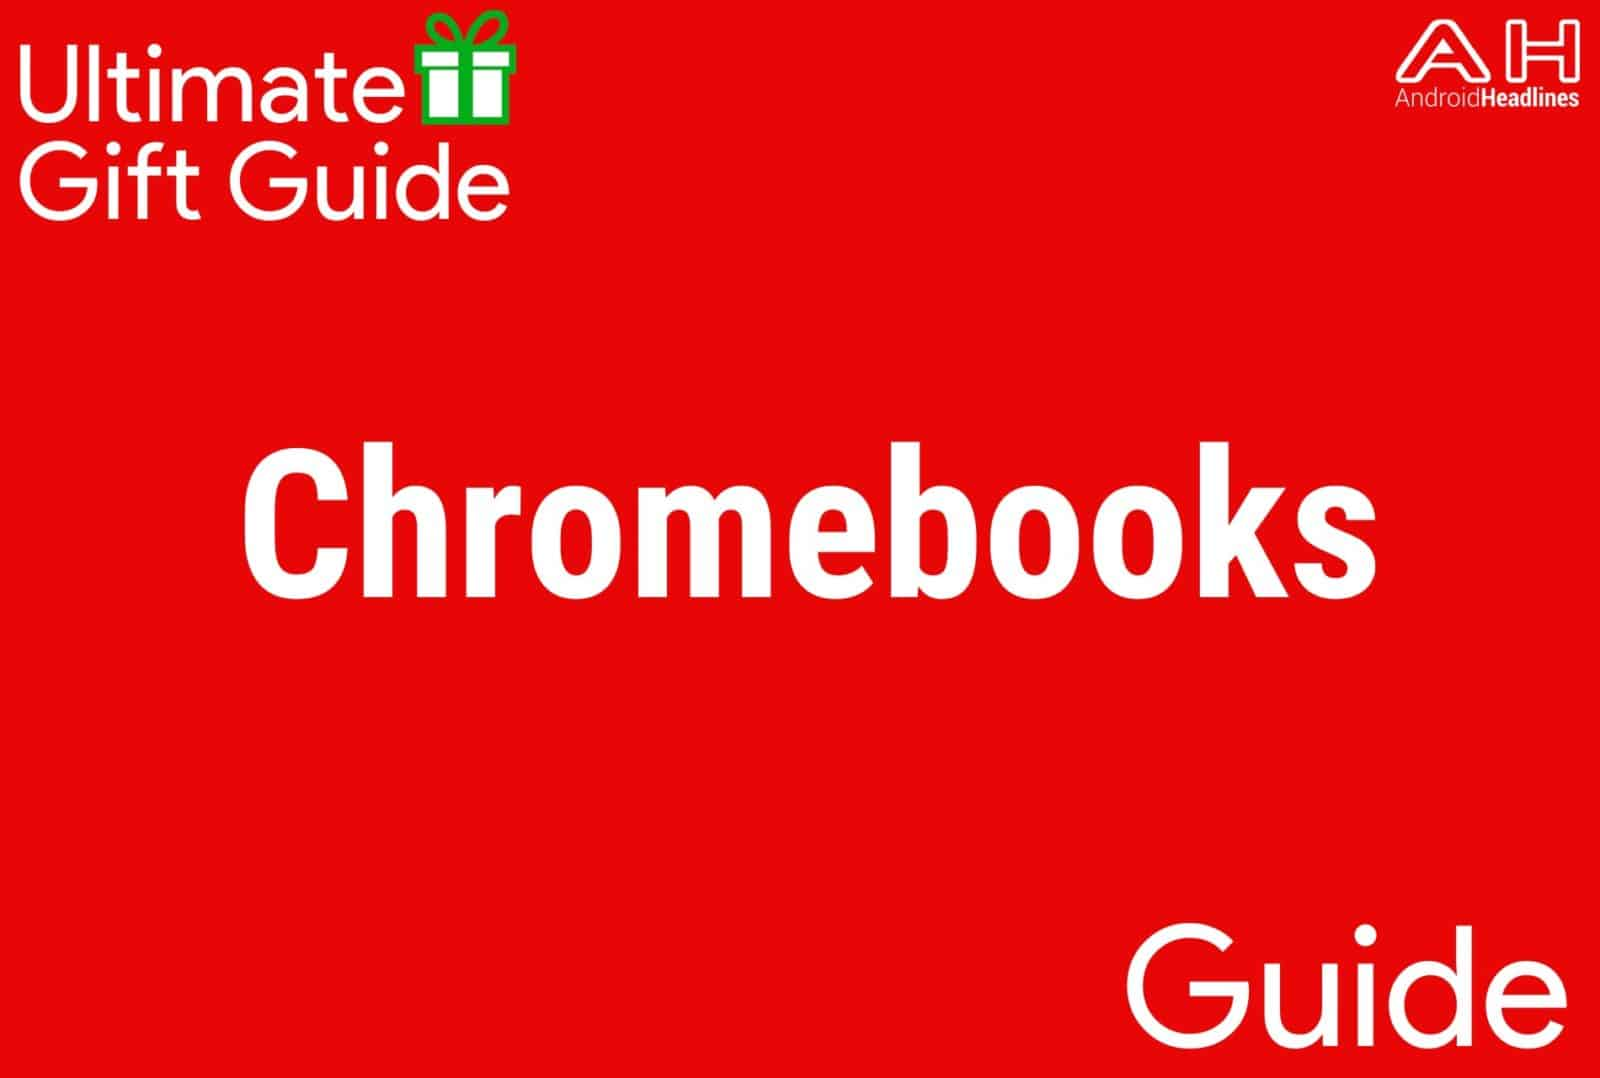 Chromebooks - Gift Guide 2015-2016